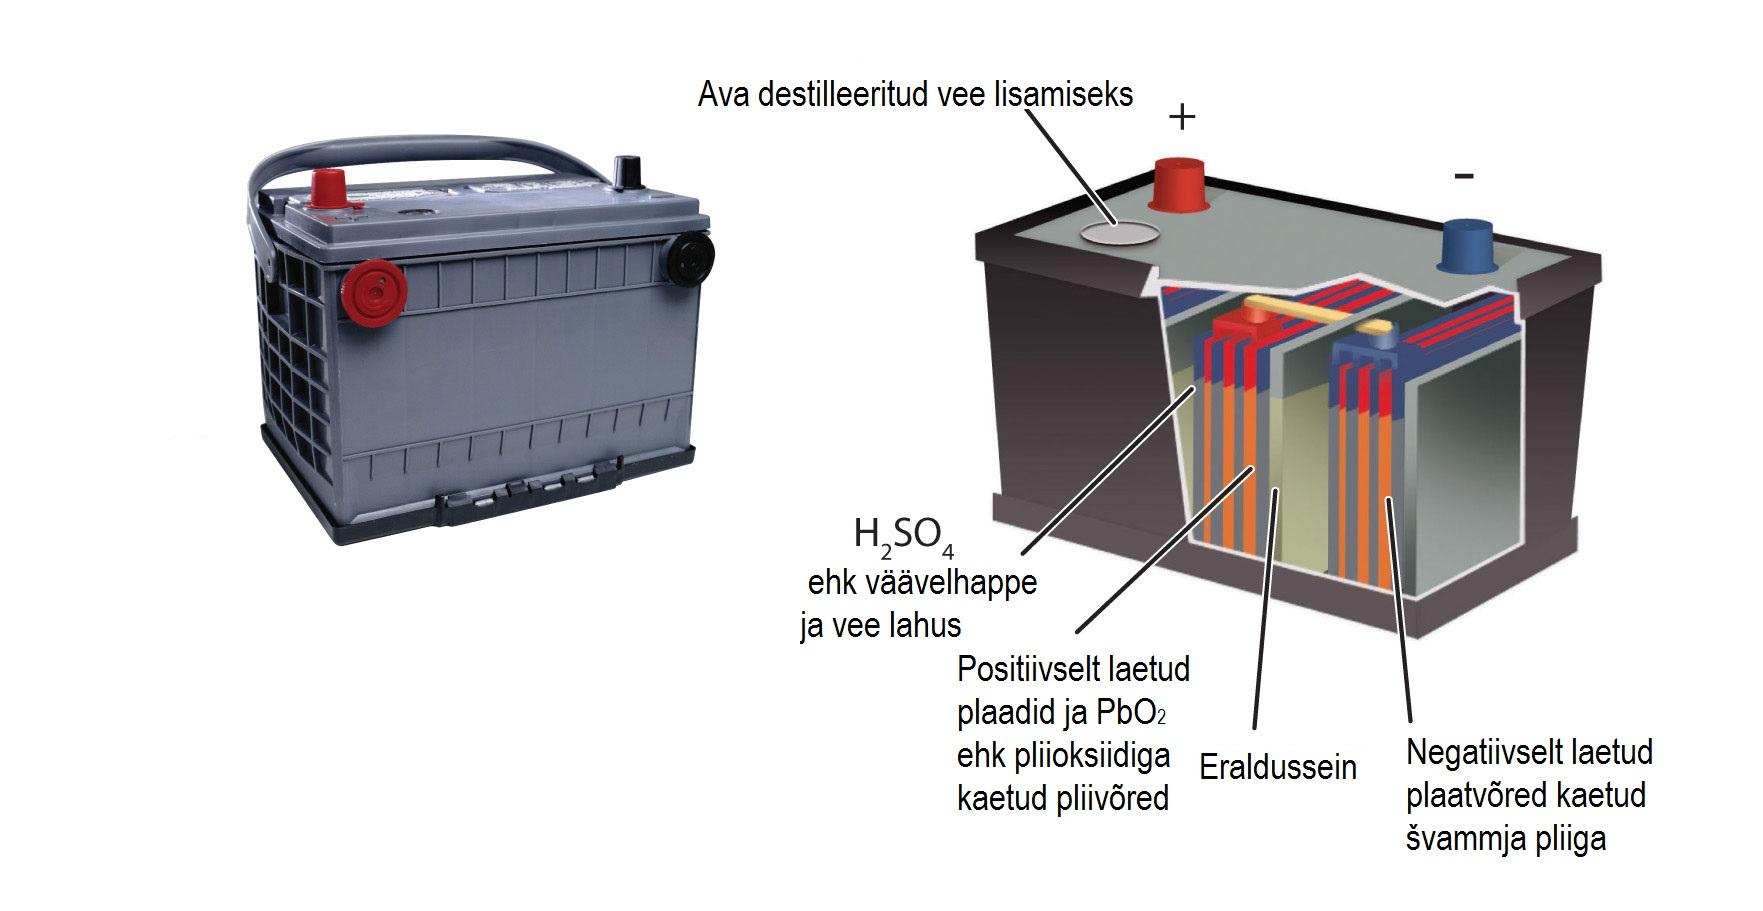 c9d3792c716 Aku on tavaliselt auto elektrisüsteemis esimene asi, mis vahetamist vajab.  Enamik akusid kestab 4-5 aastat, olenevalt tootjast ja aku ehitusest.